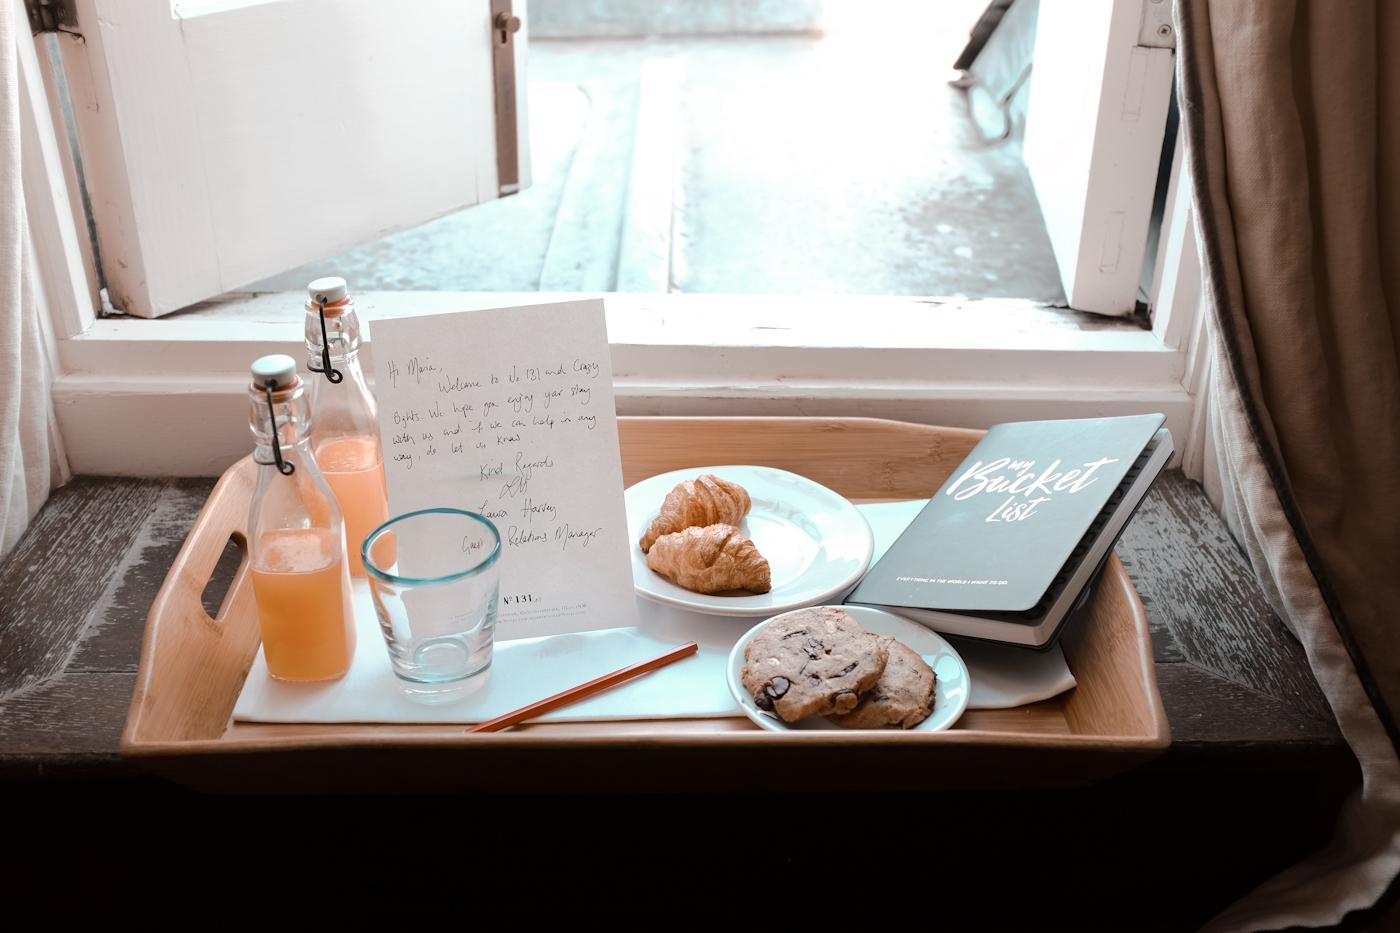 my-wanderlust-notes-viaggio-di-5-giorni-nella-parte-più-romantica-dell-inghilterra-131-the-promenade-cheltenham